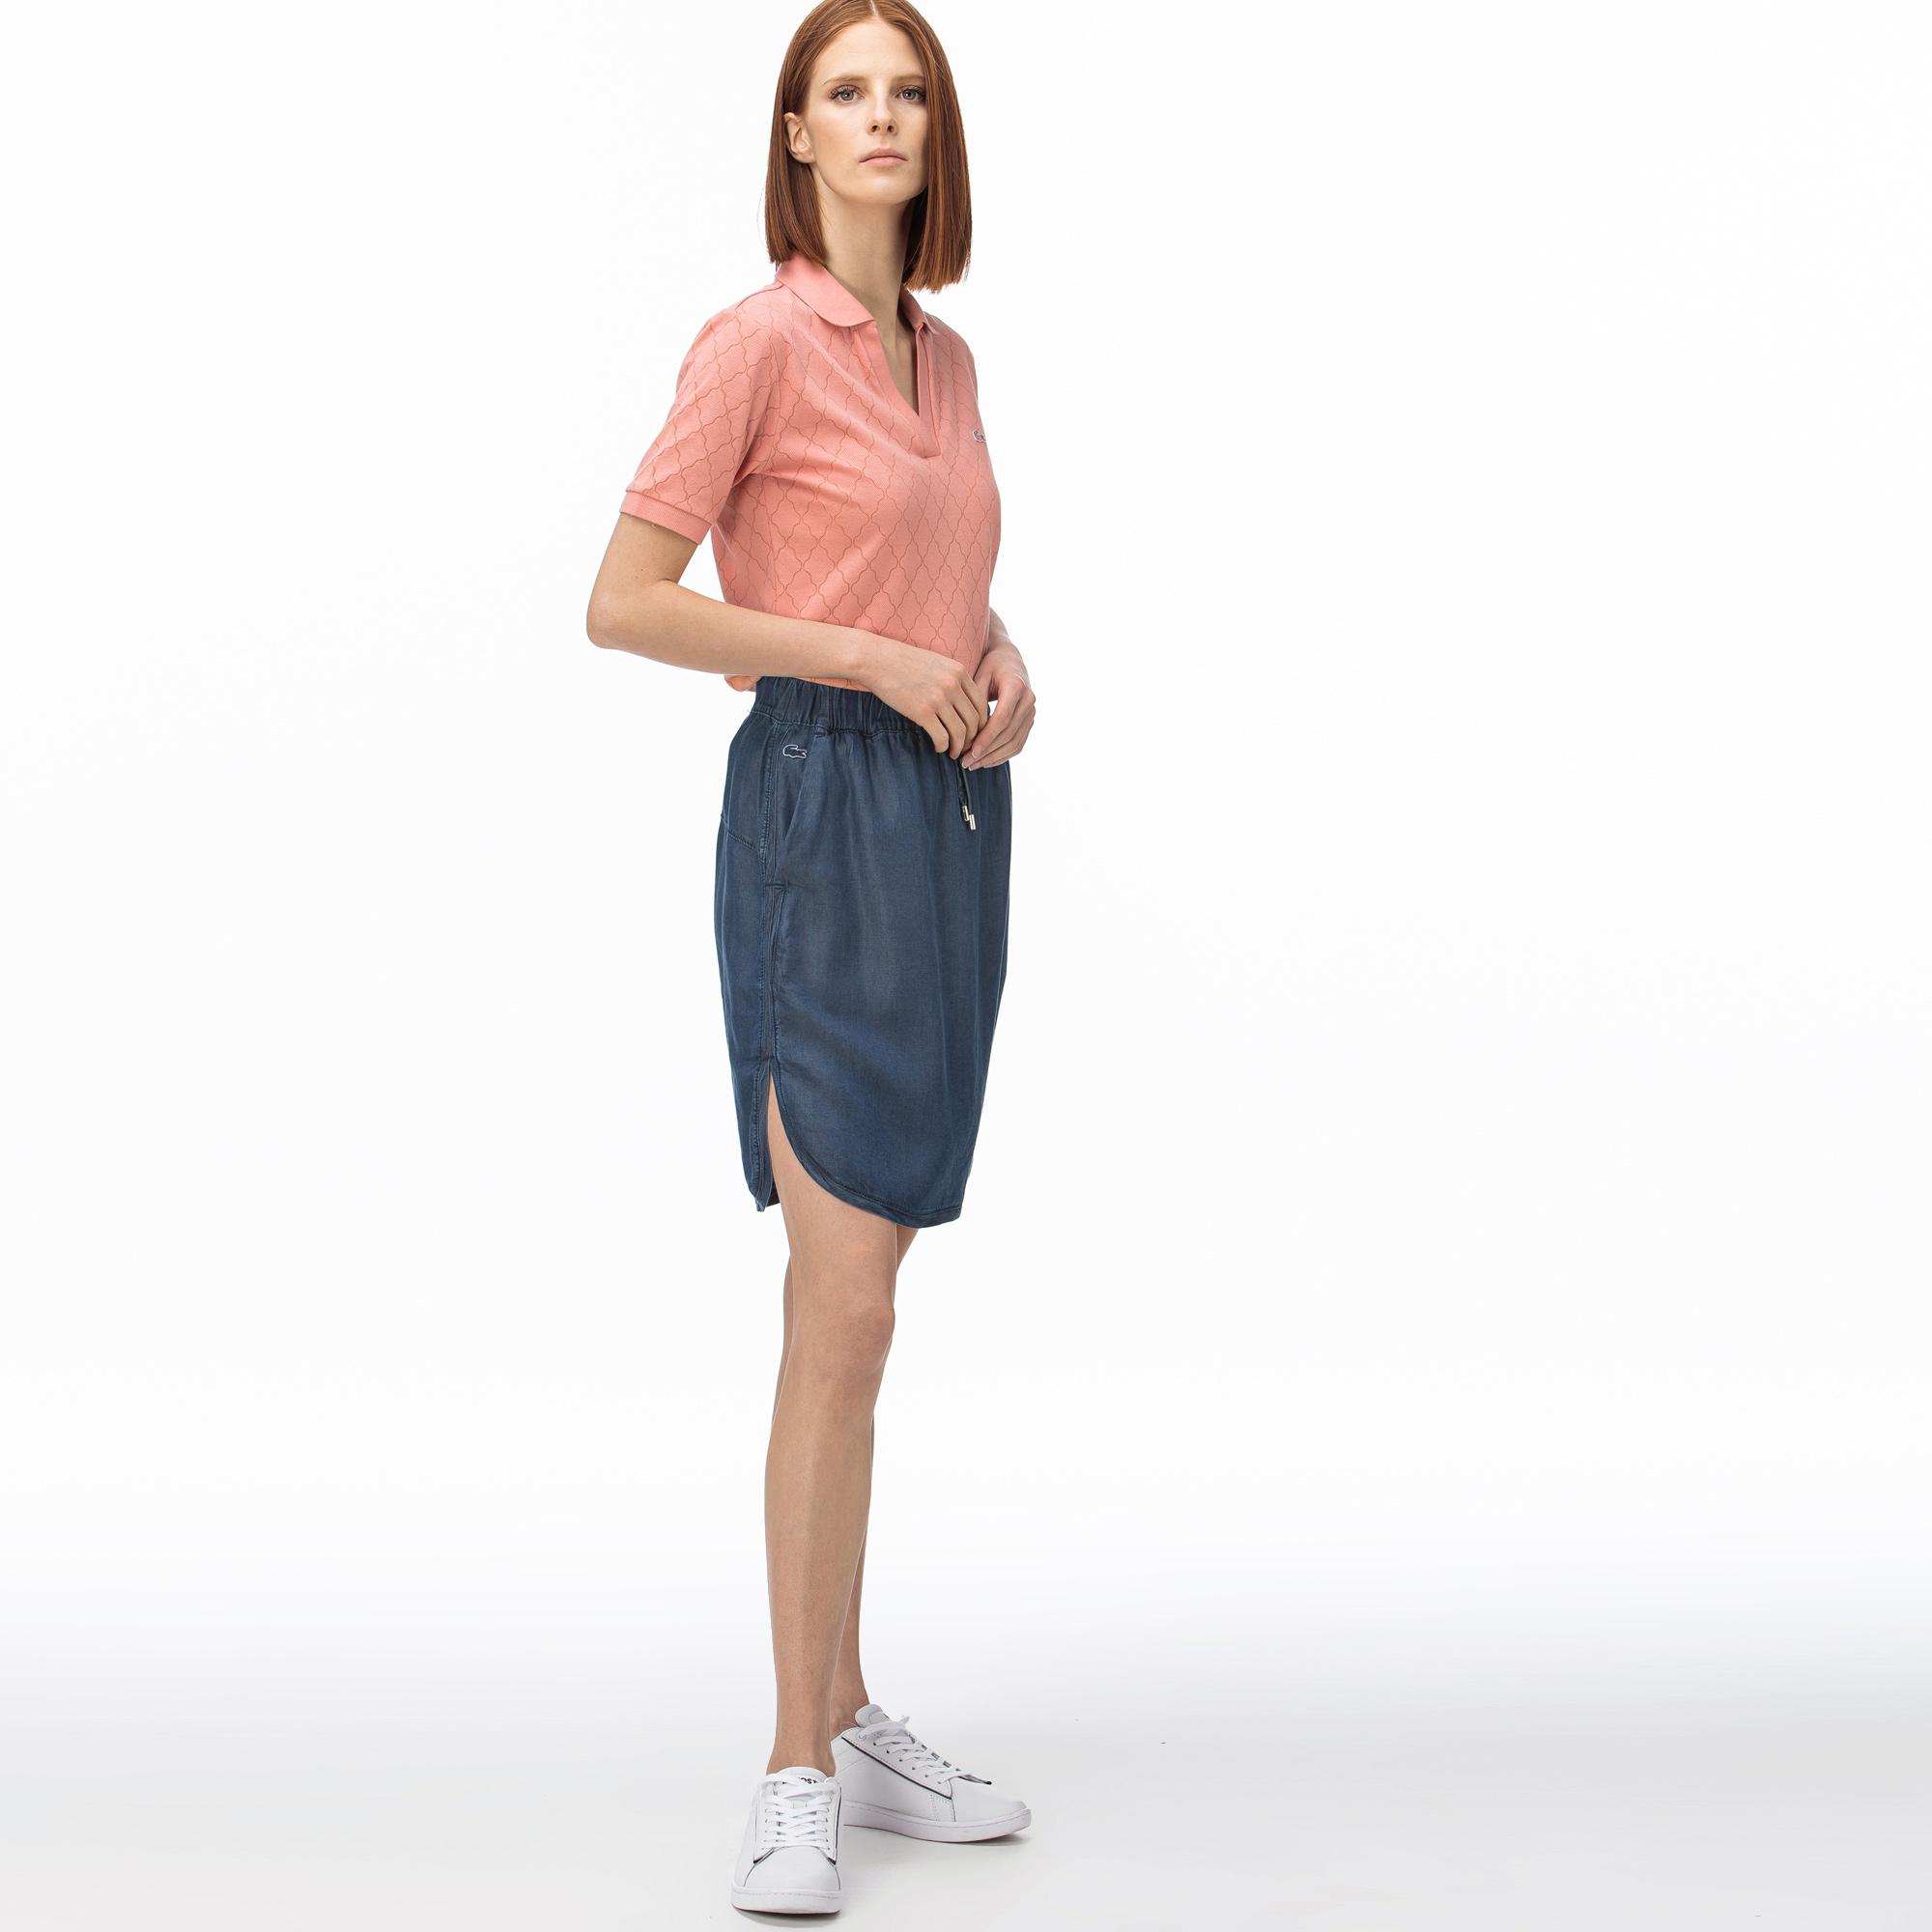 Lacoste Women's Denim Skirt